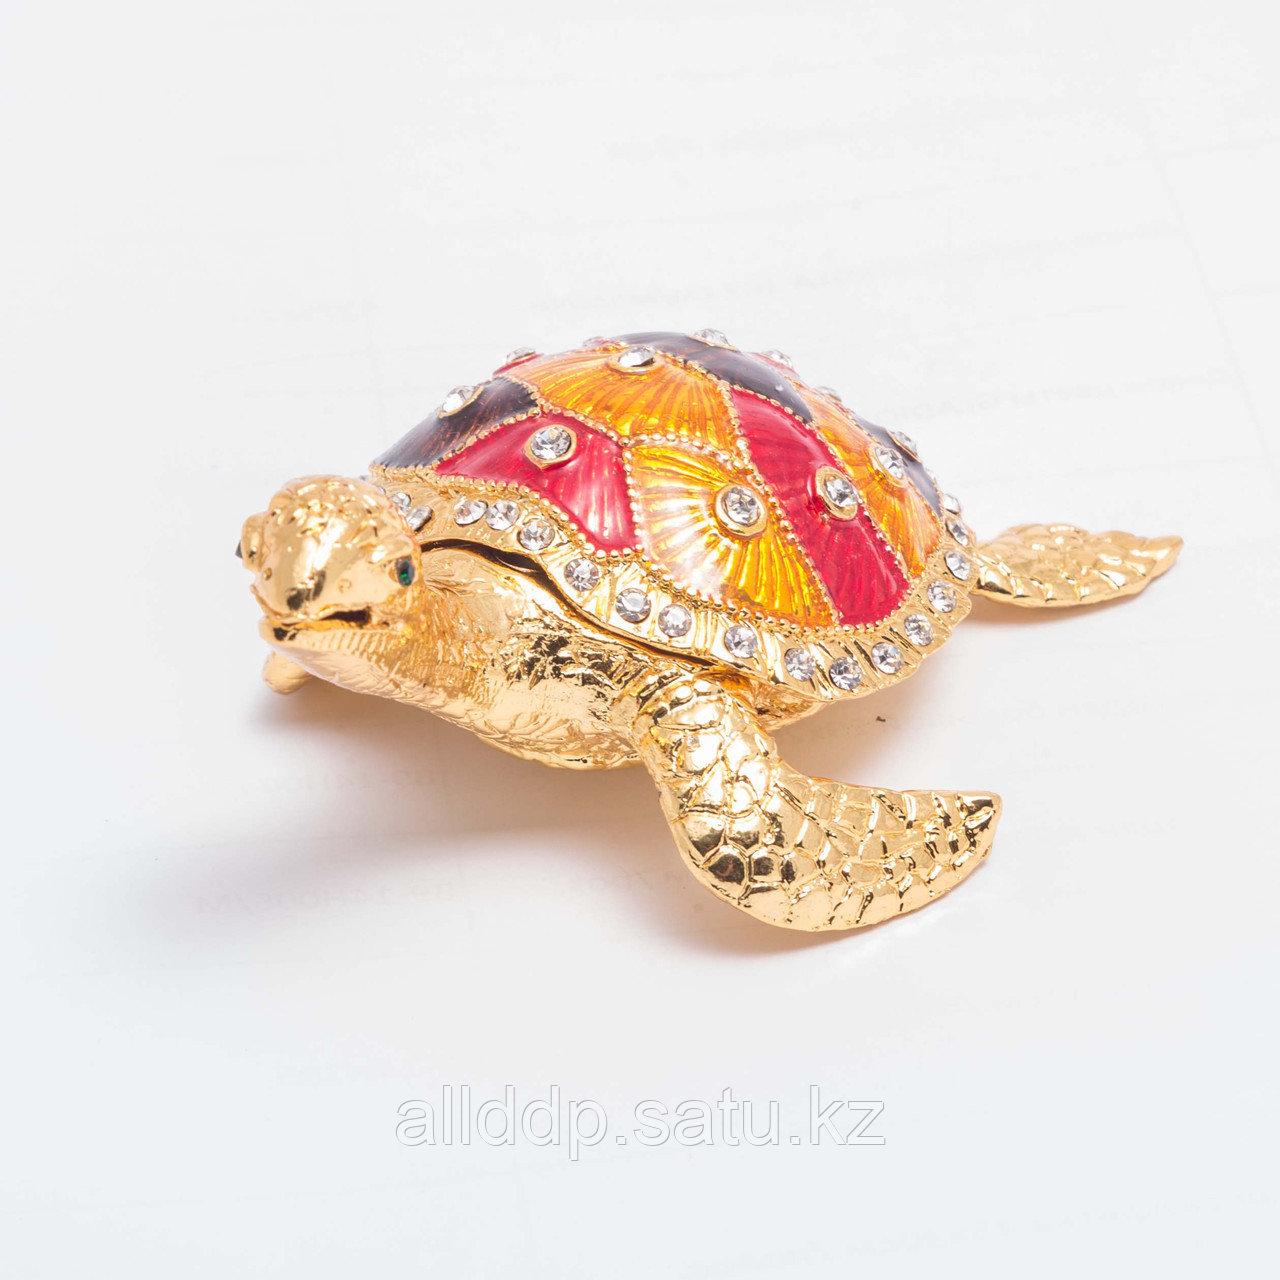 """Сувенир-шкатулка """"Черепашка с цветным панцирем"""" 8*2,5 см"""